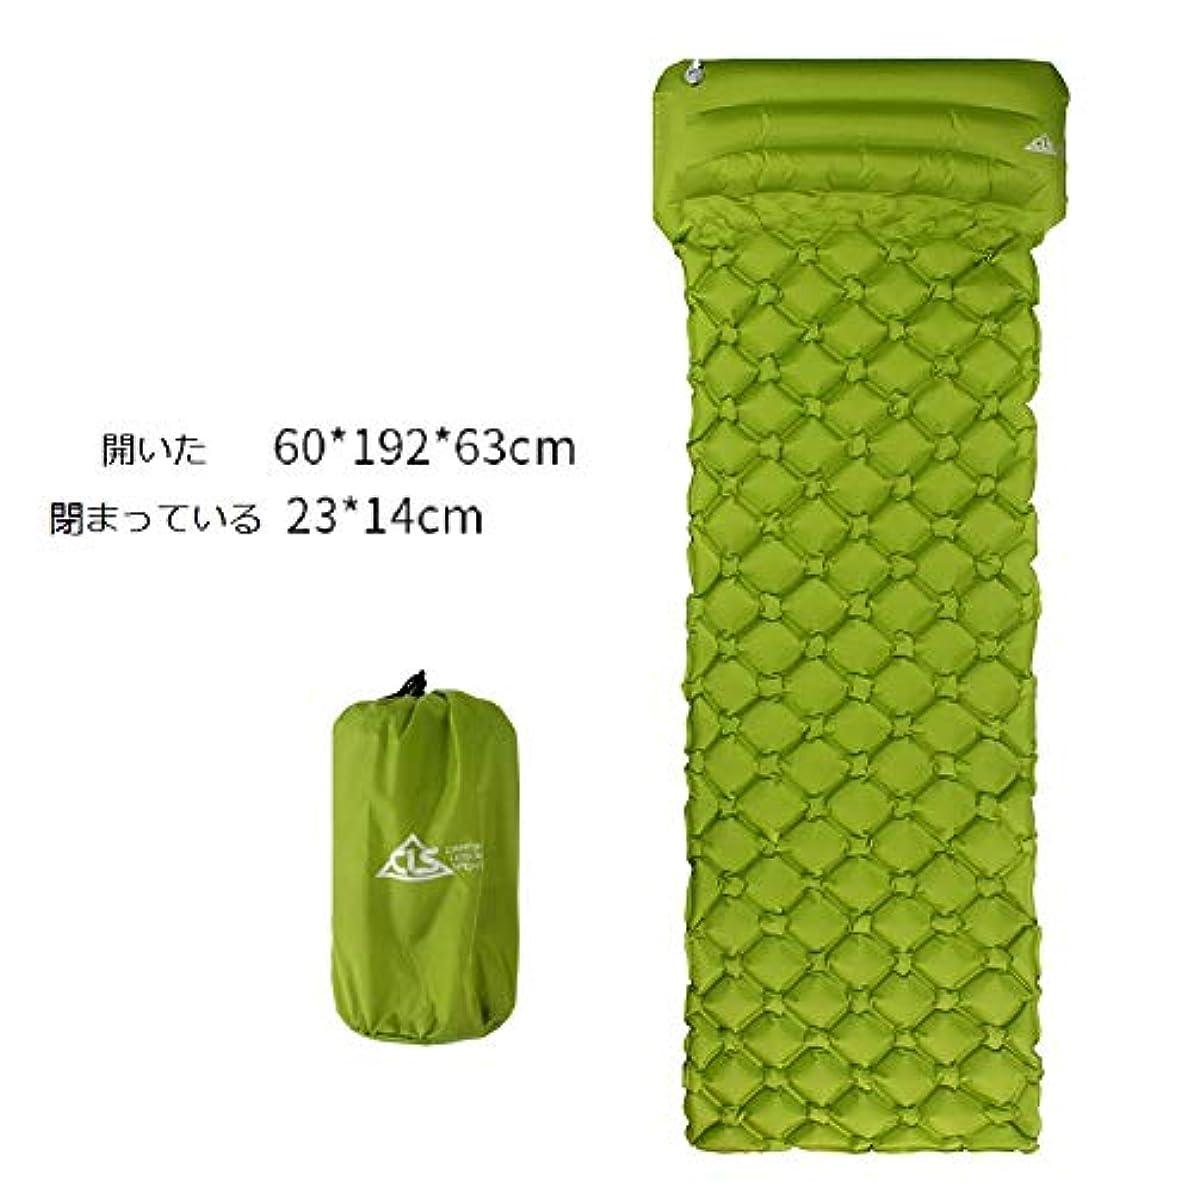 良心的スポーツの試合を担当している人完全にキャンプ用スリーピングパッドキャンプ用マット最も快適なスリーピングマットと枕 - ロールアップタイト - エアサポートセルはあなたのキャンプ用マットレスとキャンプ用枕を変形させます